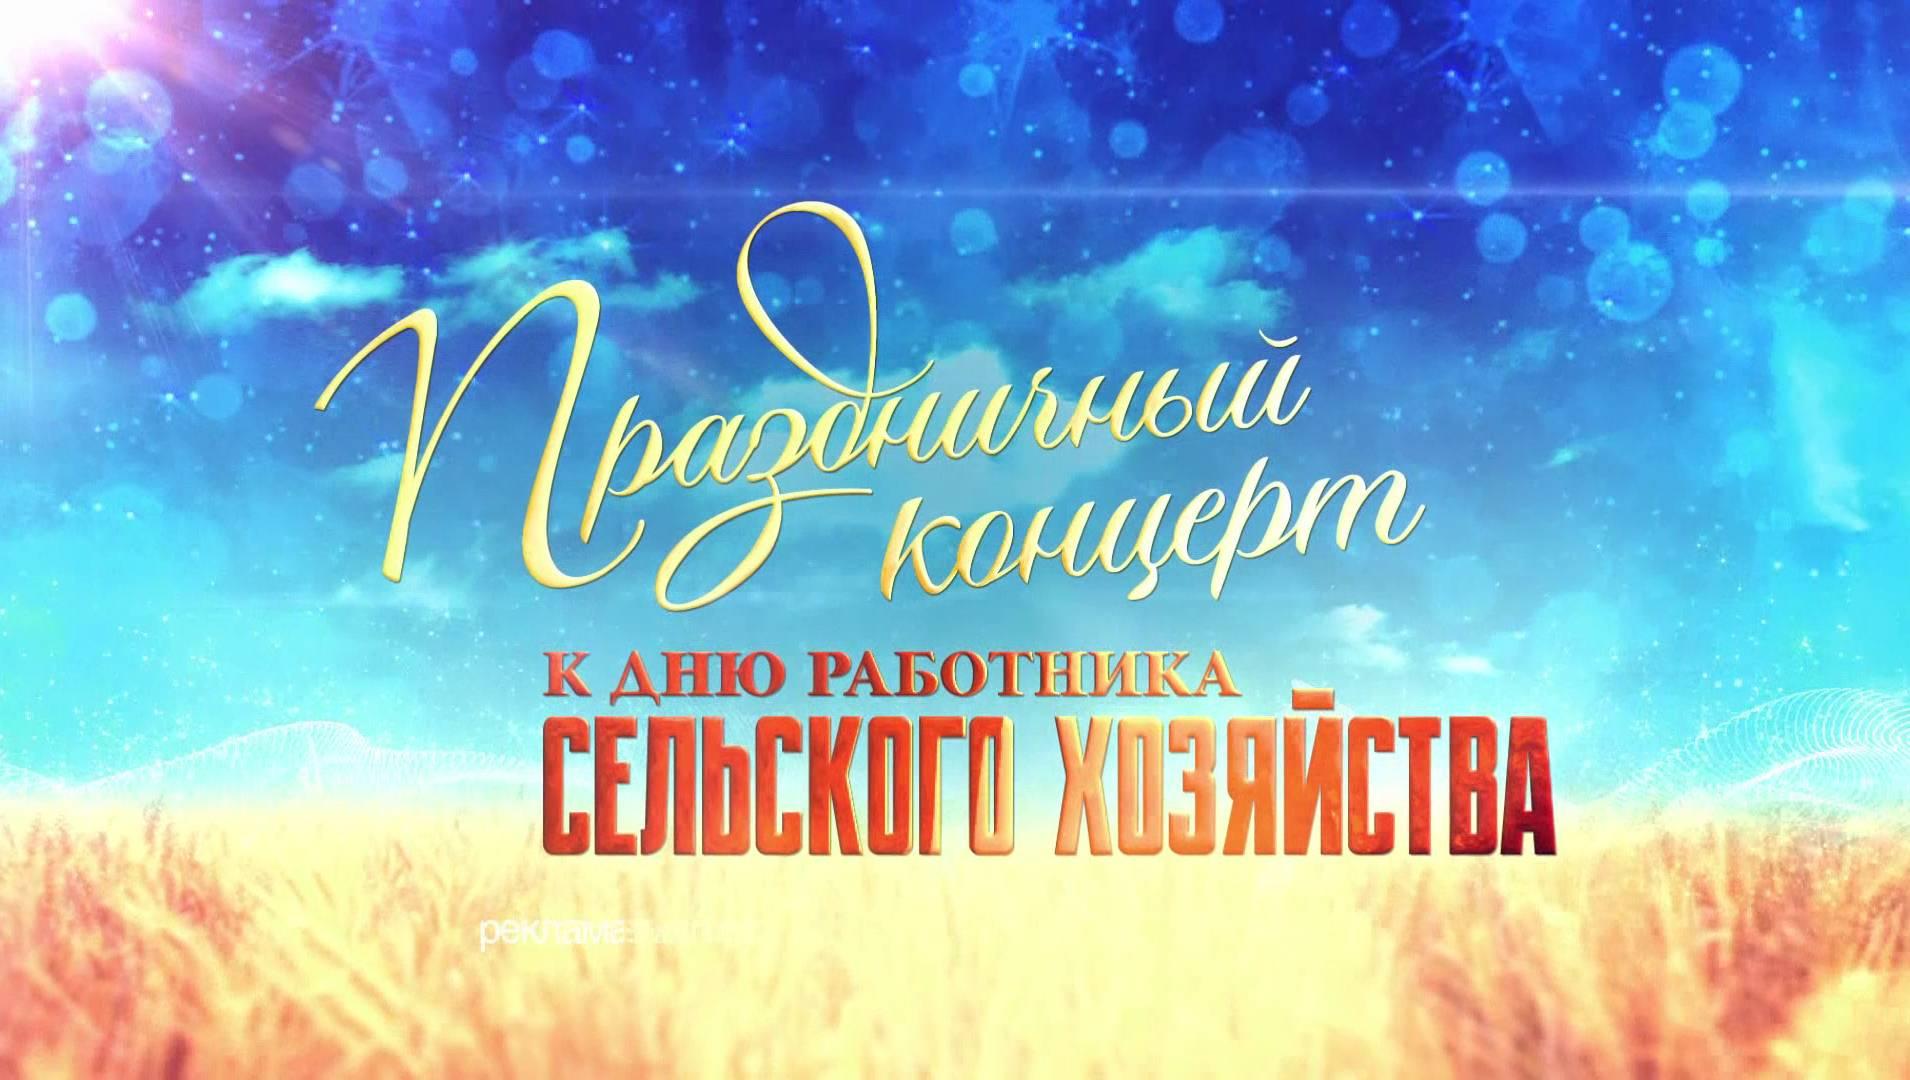 Праздничный концерт к Дню работника сельского хозяйства